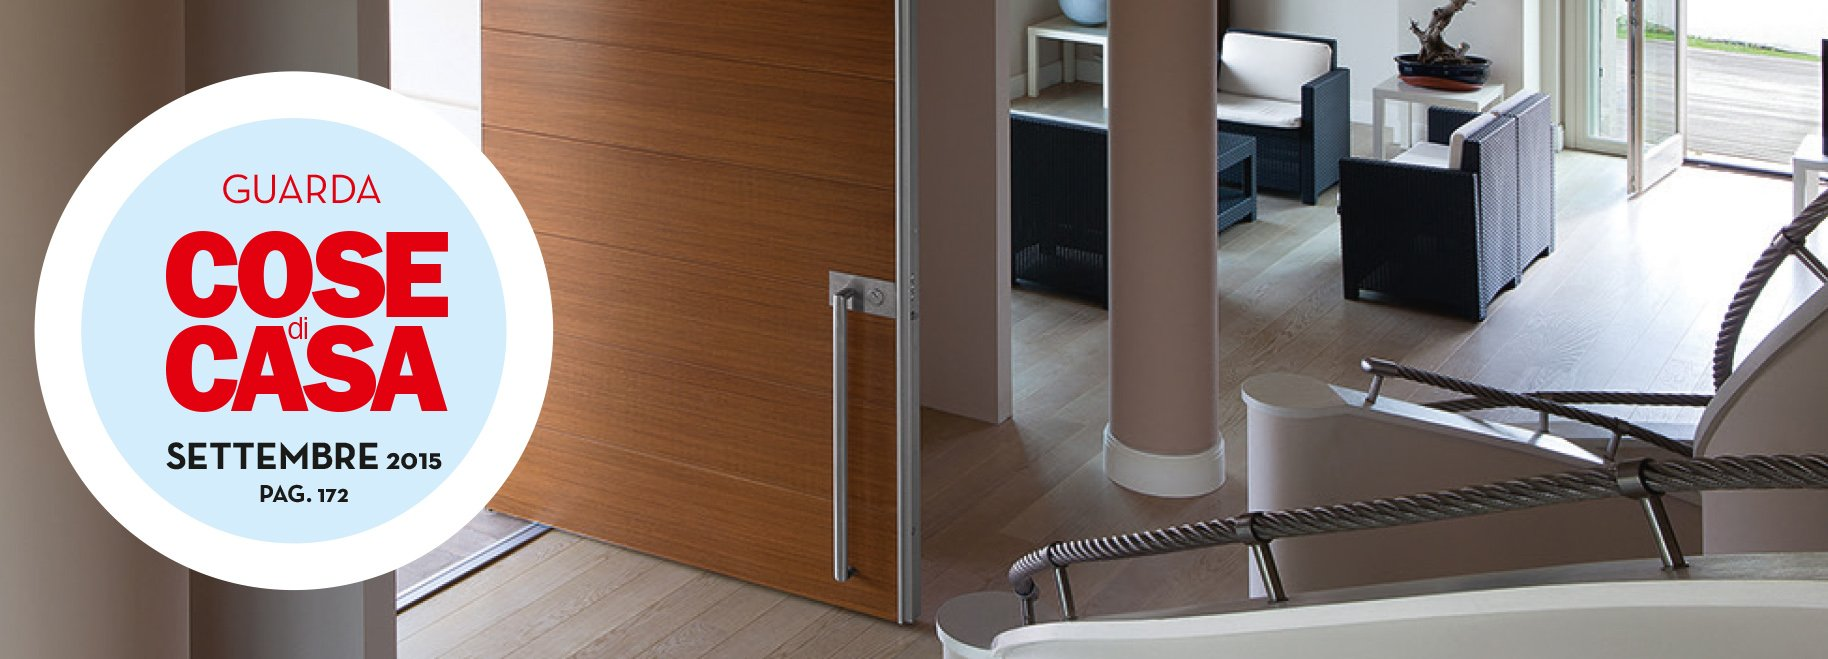 Porte e finestre di sicurezza casa protetta anche durante le vacanze cose di casa - Ristrutturare porte e finestre ...